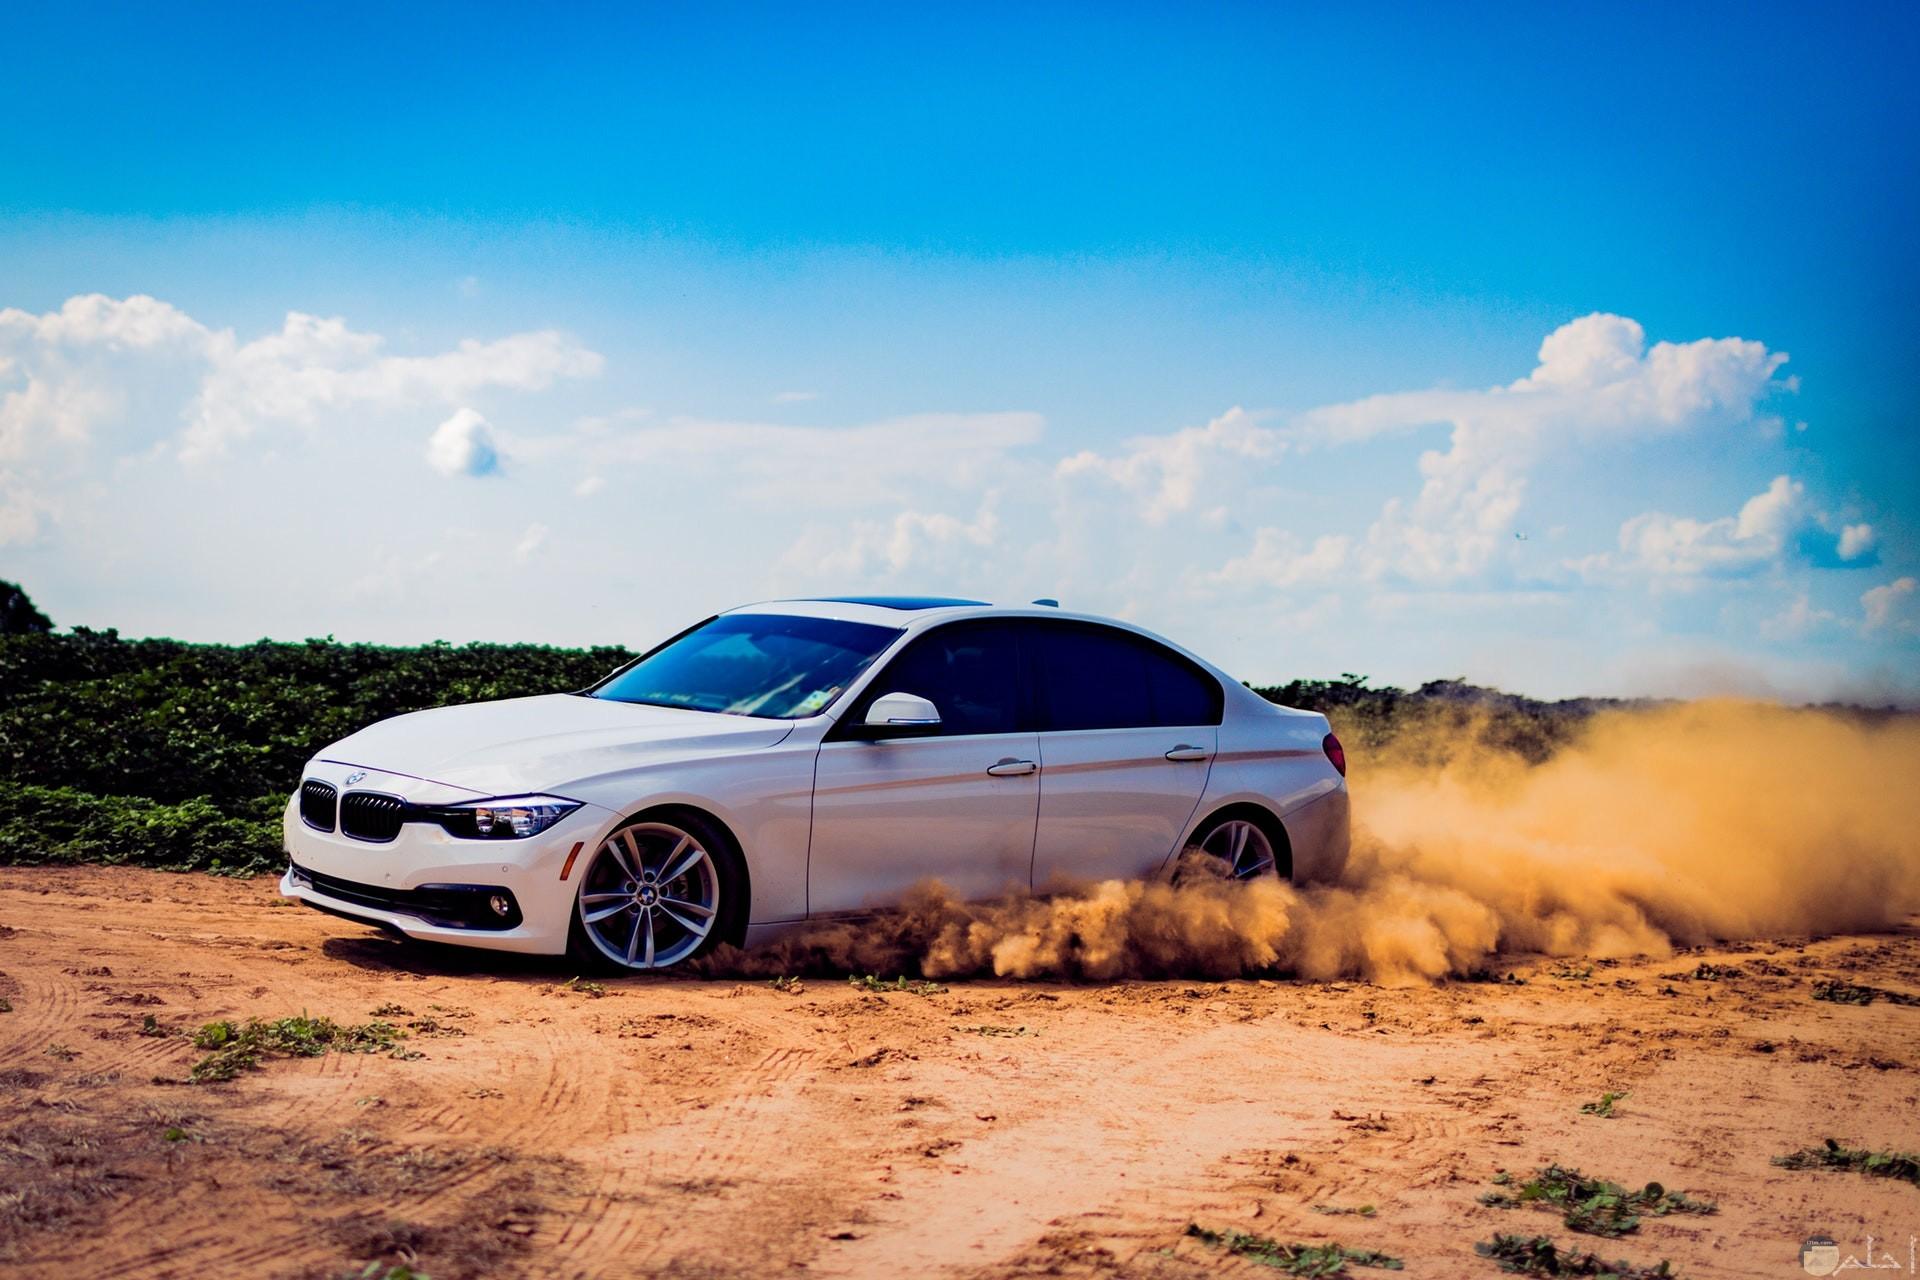 صور مميزة لسيارة بي ام دبليو بيضاء جميلة جدا